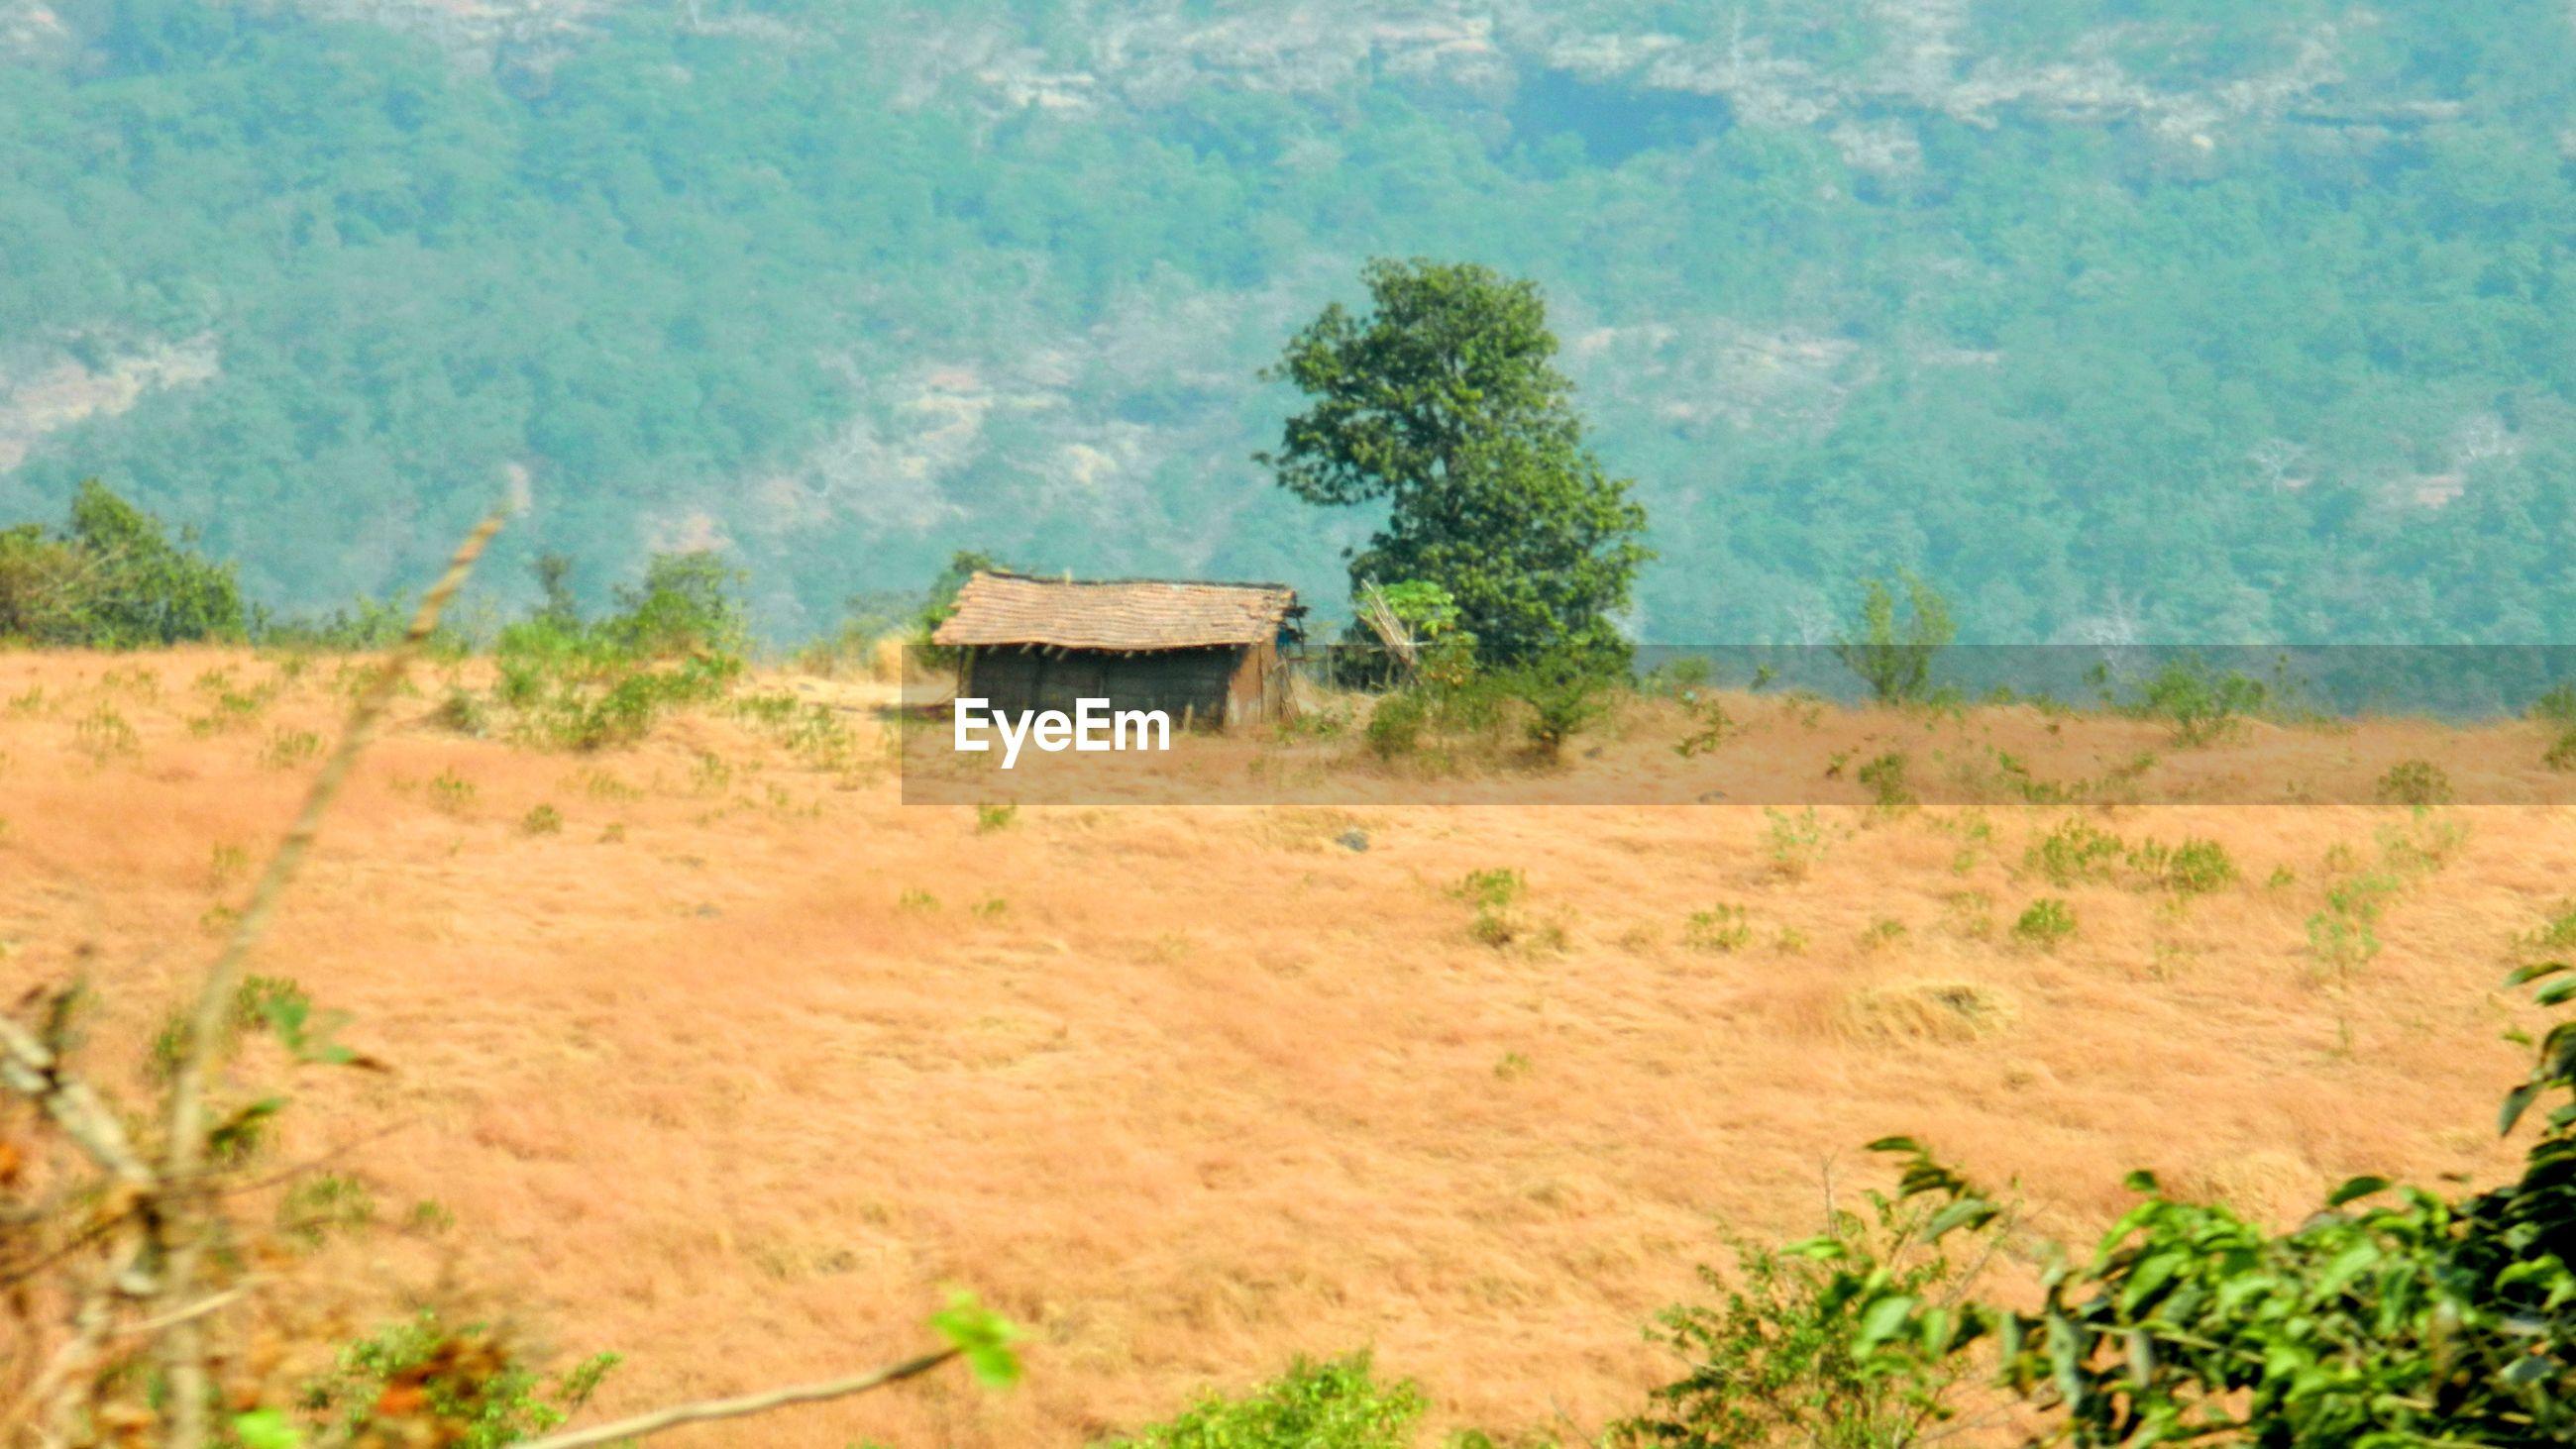 BUILT STRUCTURE ON LANDSCAPE AGAINST PLANTS